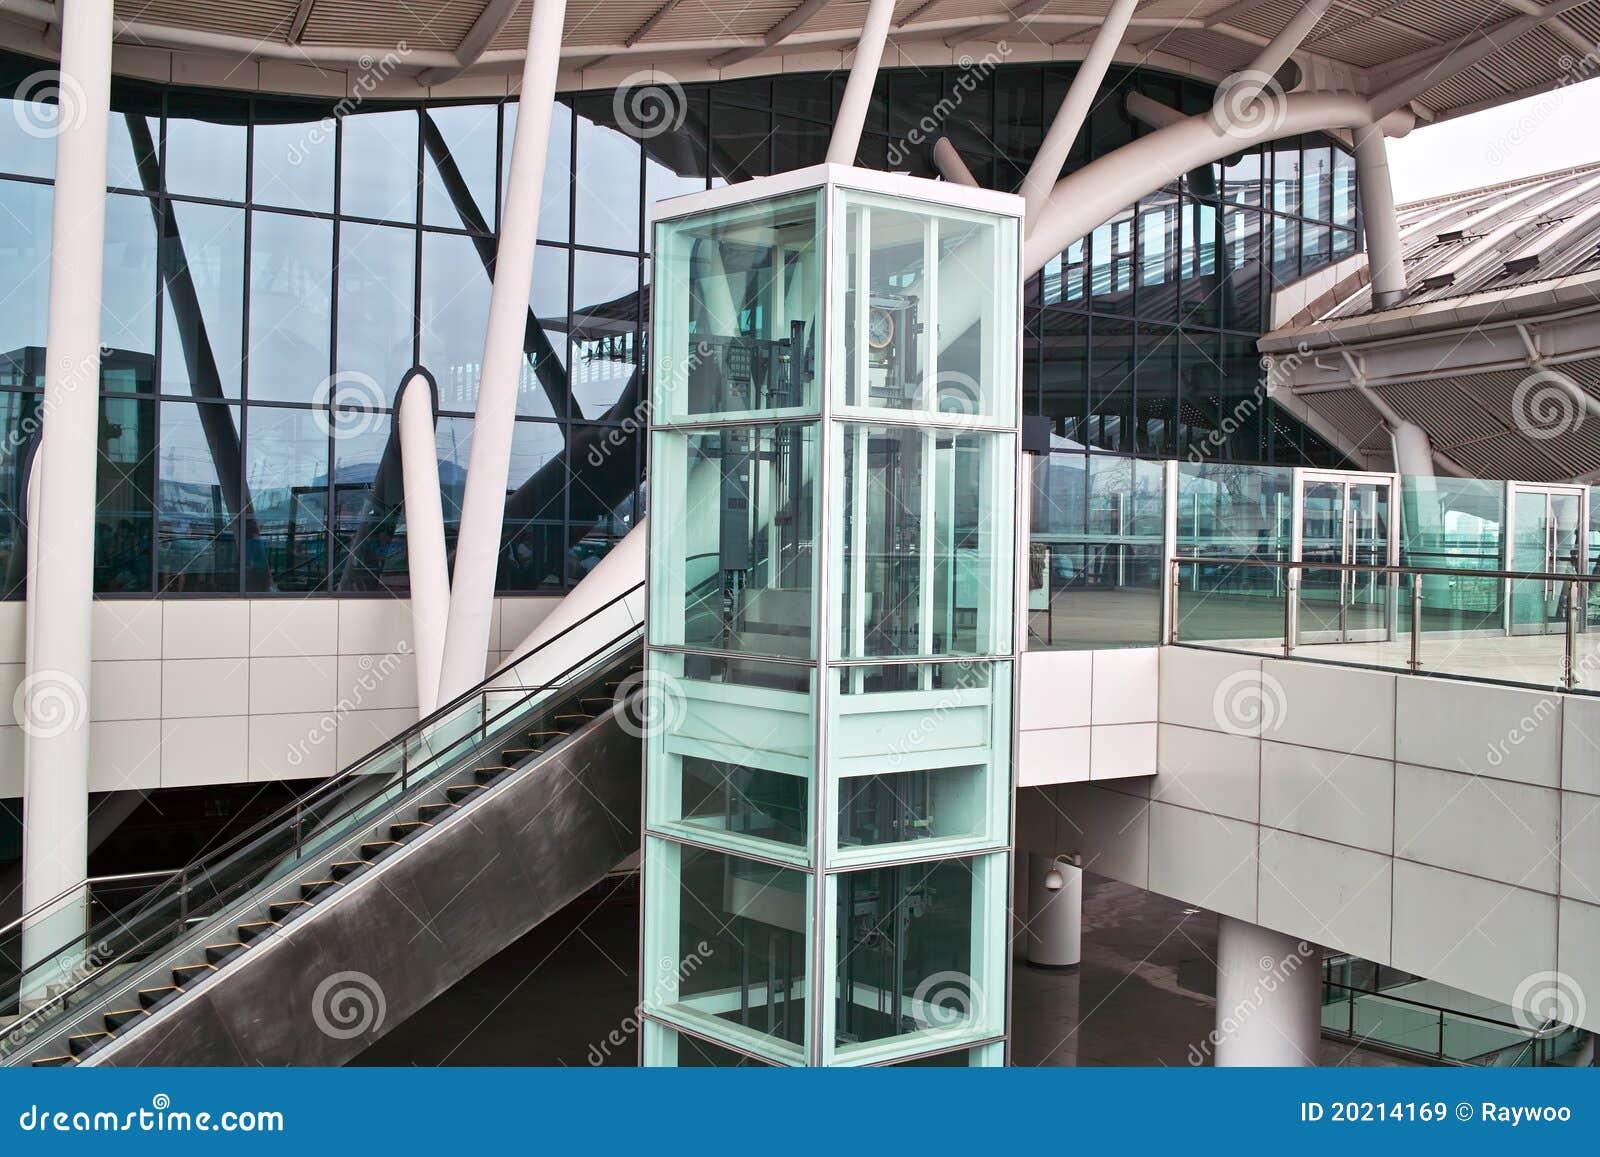 ascenseur et escalator en verre image stock image 20214169. Black Bedroom Furniture Sets. Home Design Ideas